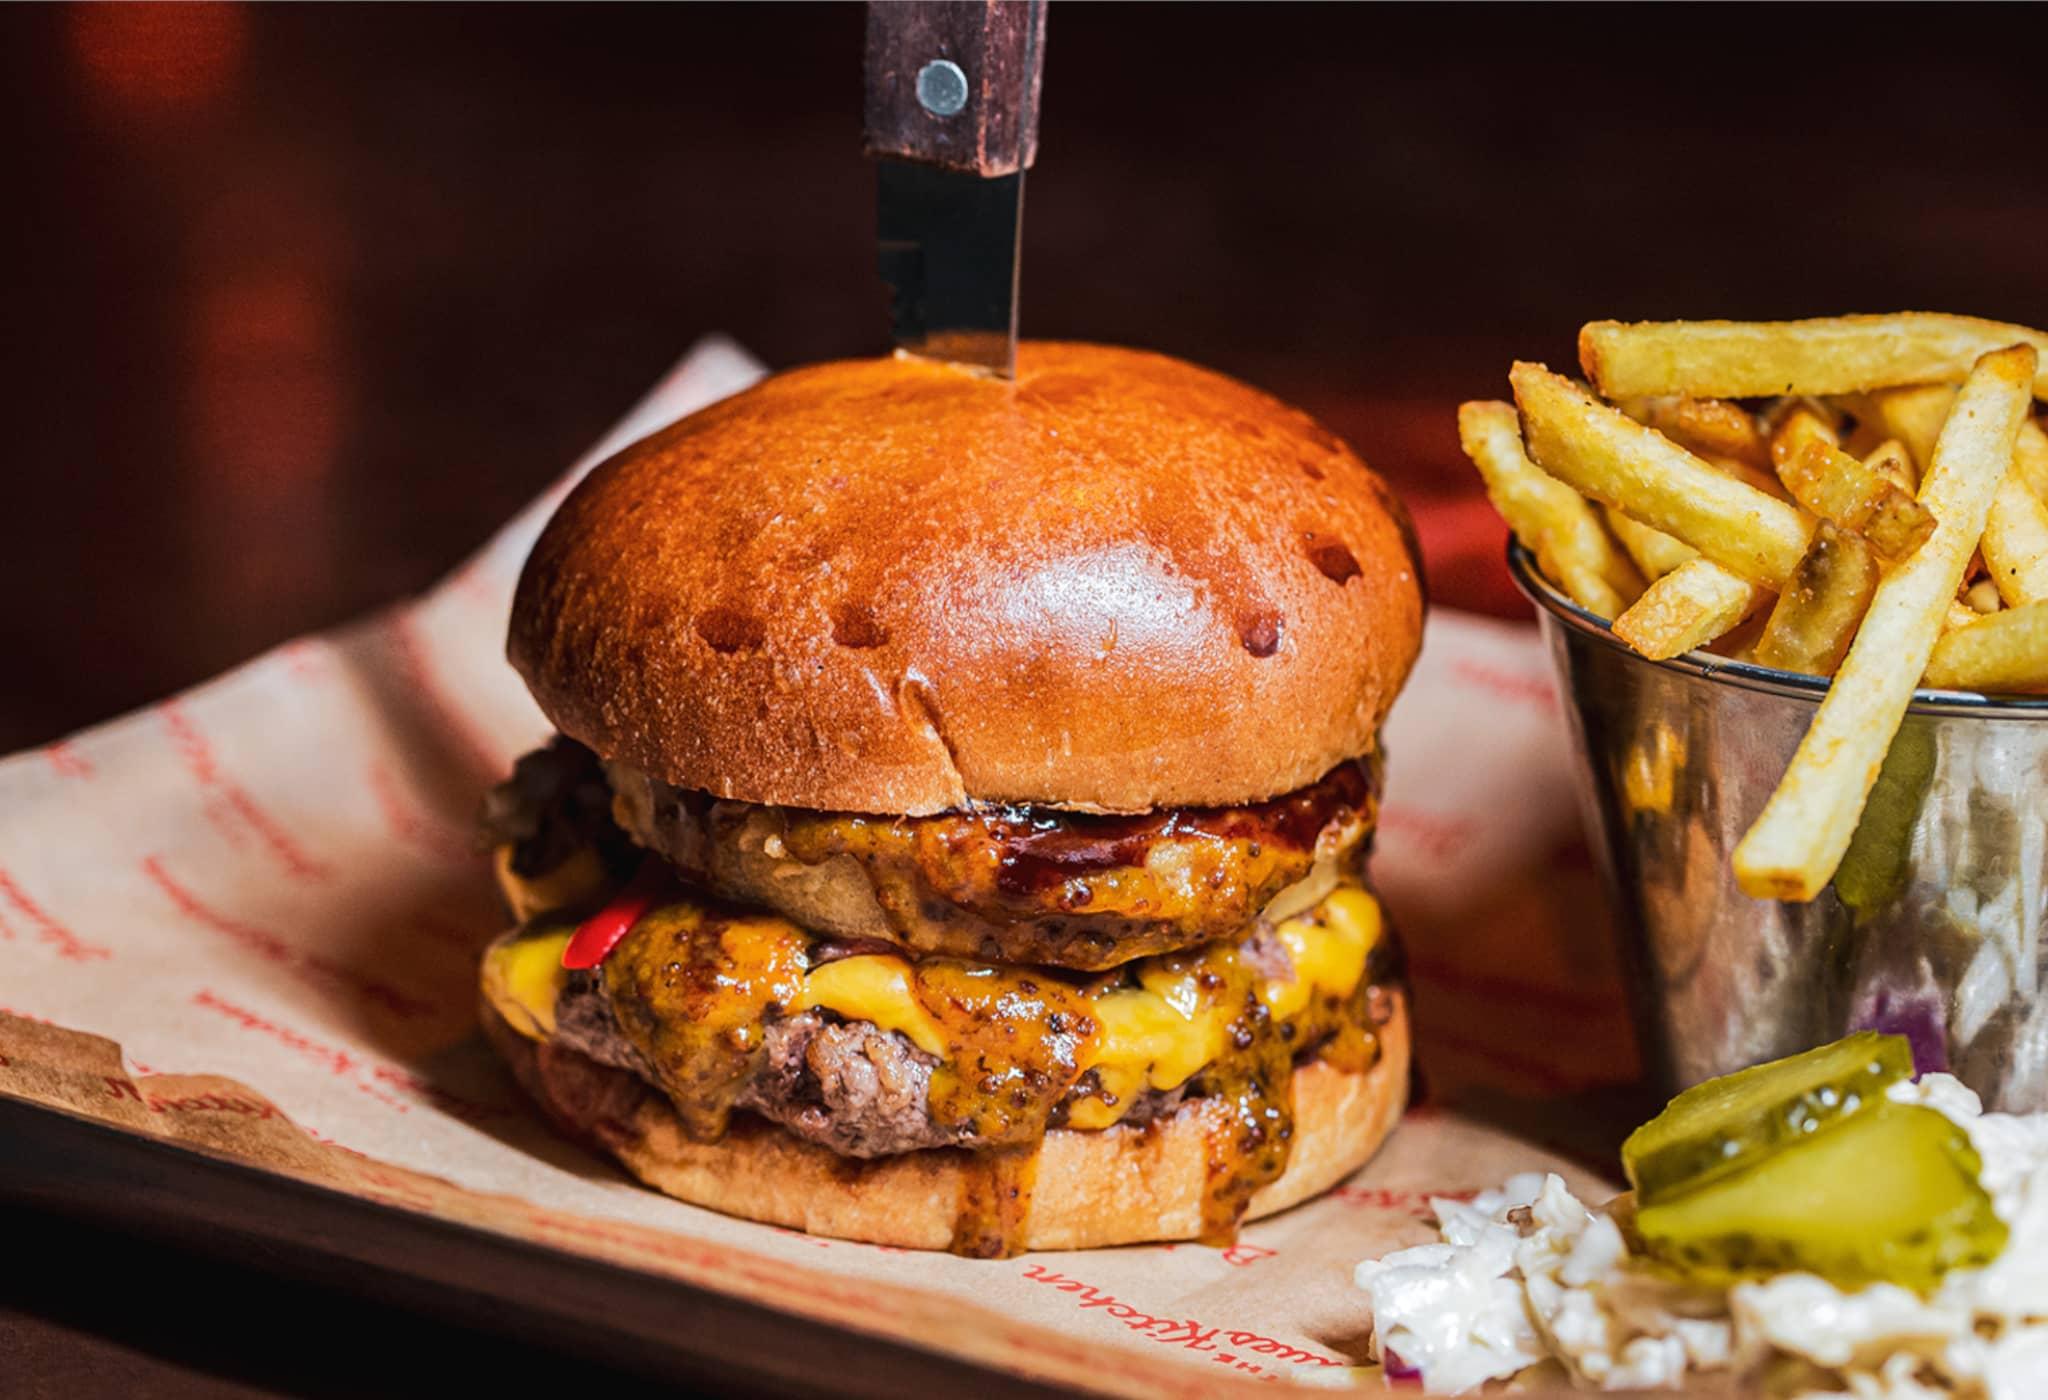 Burger & Fries Restaurant Shoreditch